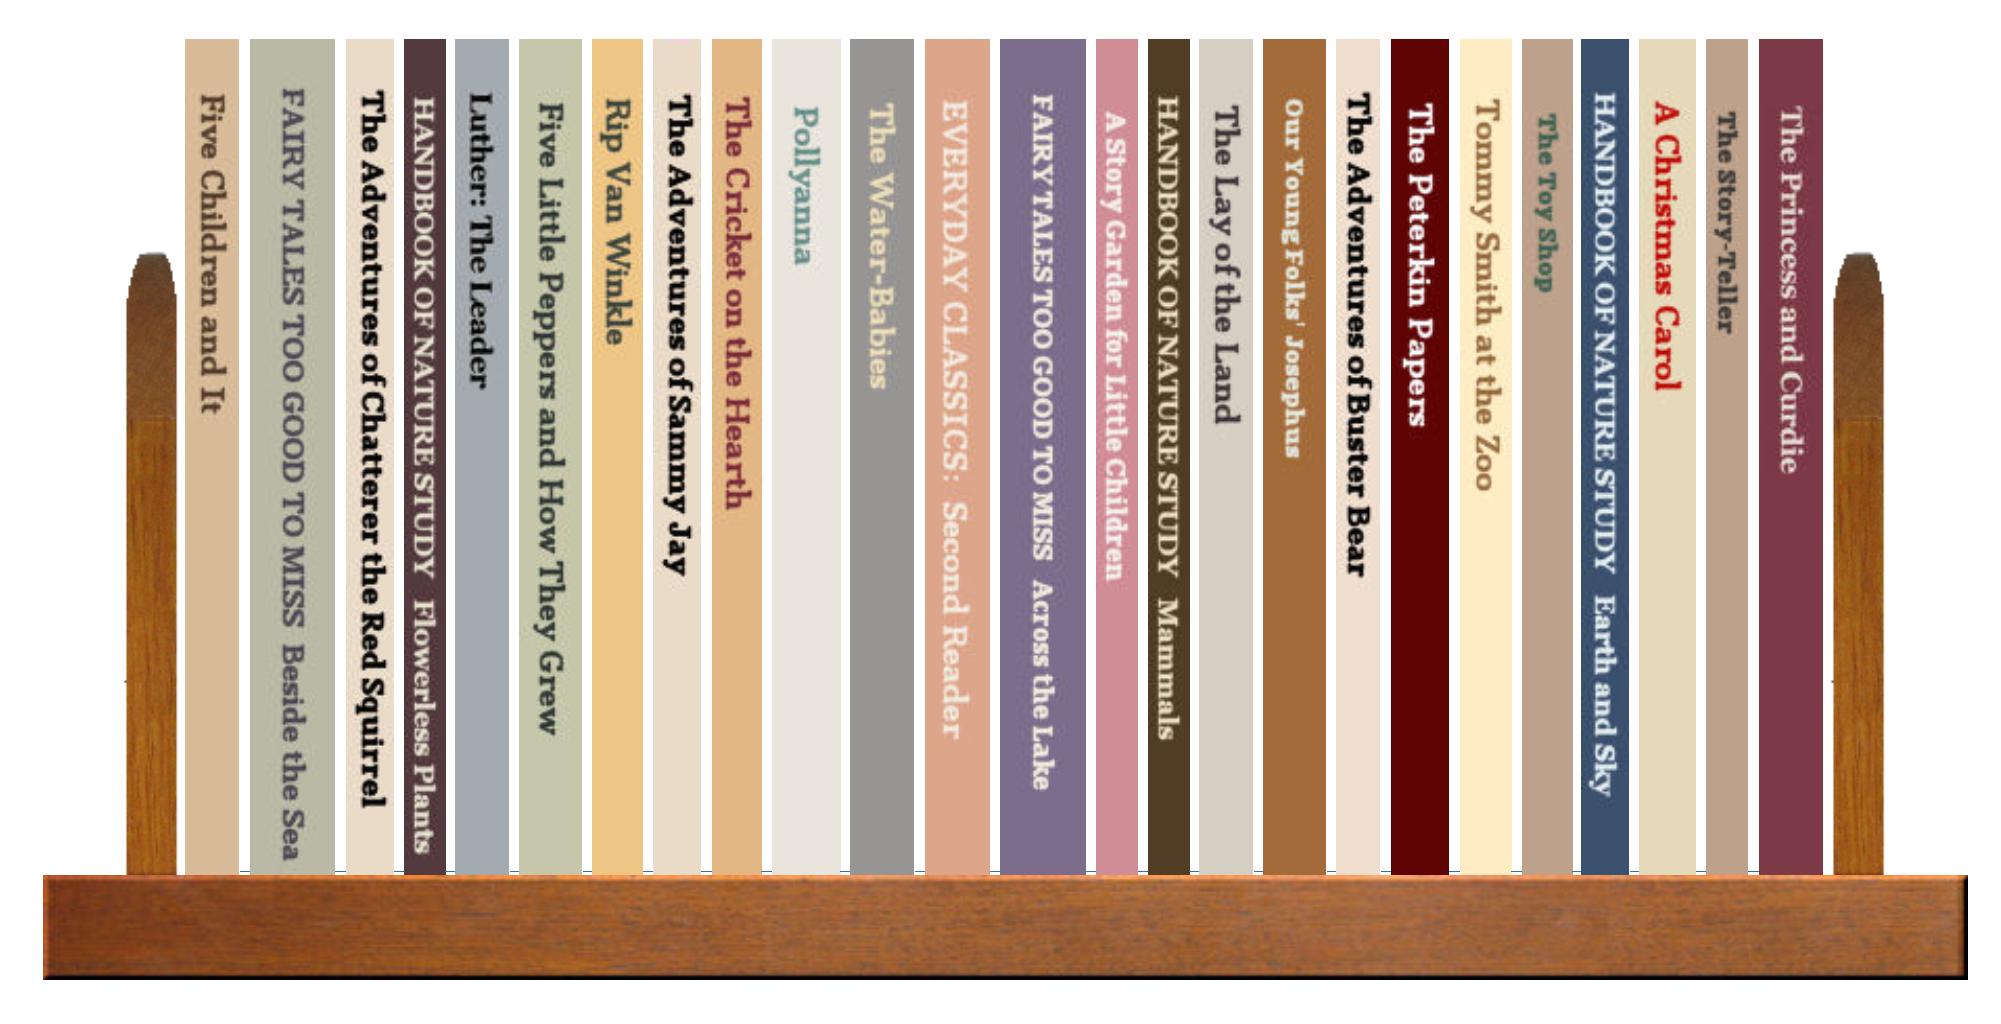 Full Shelf of Books, 4 of 4